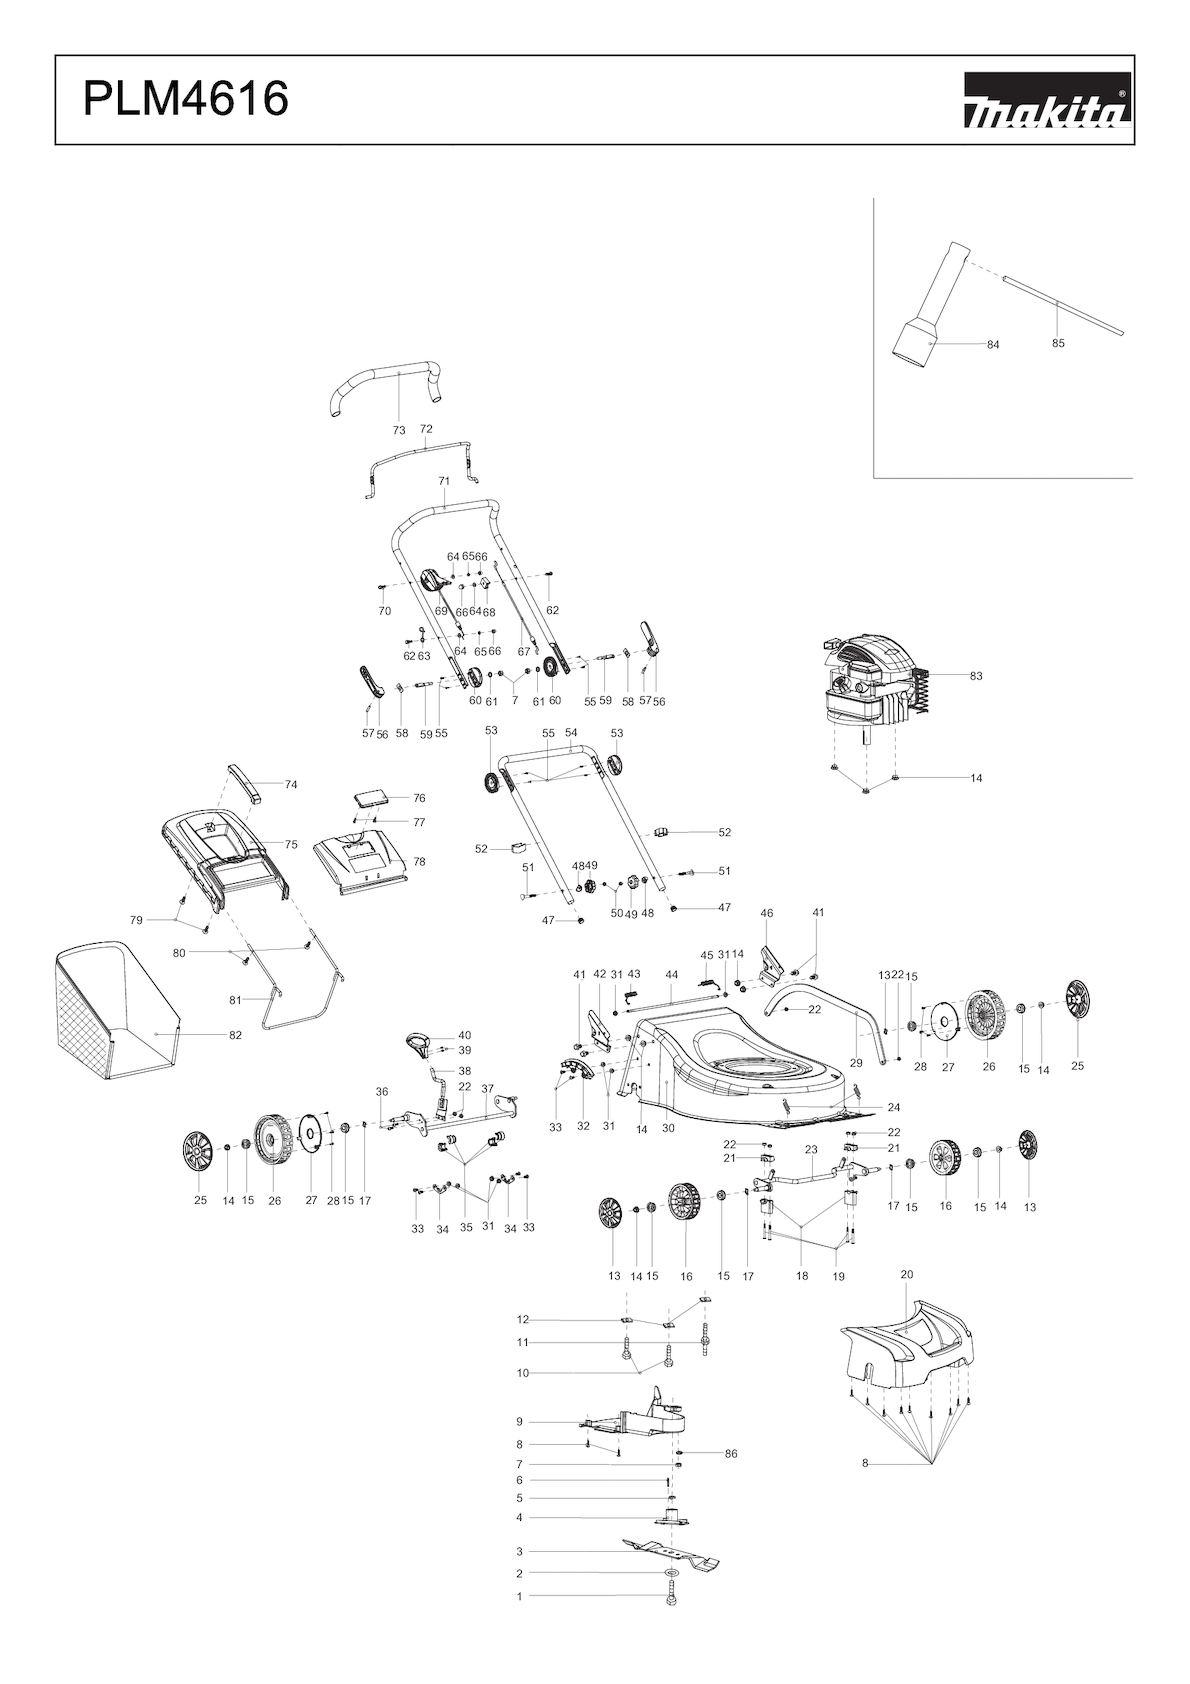 Plm4616